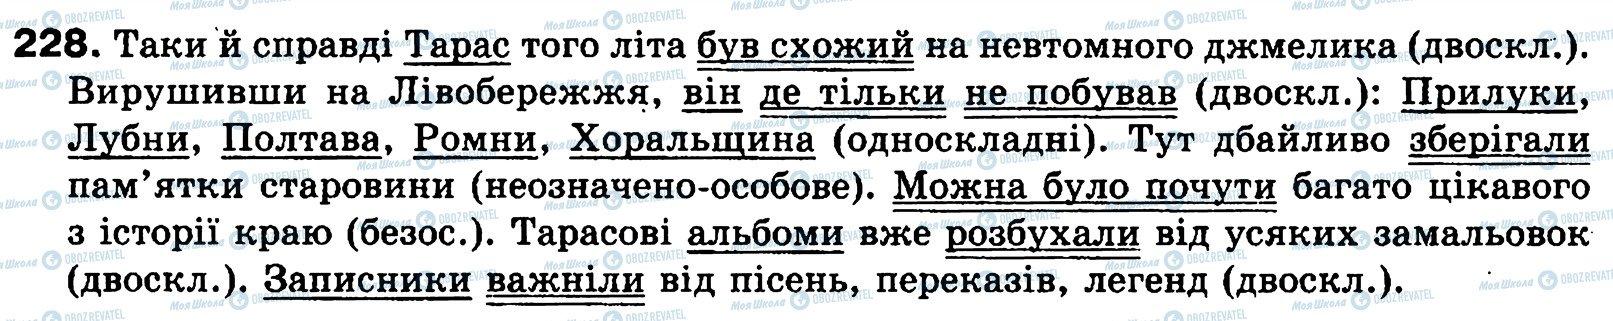 ГДЗ Українська мова 8 клас сторінка 228